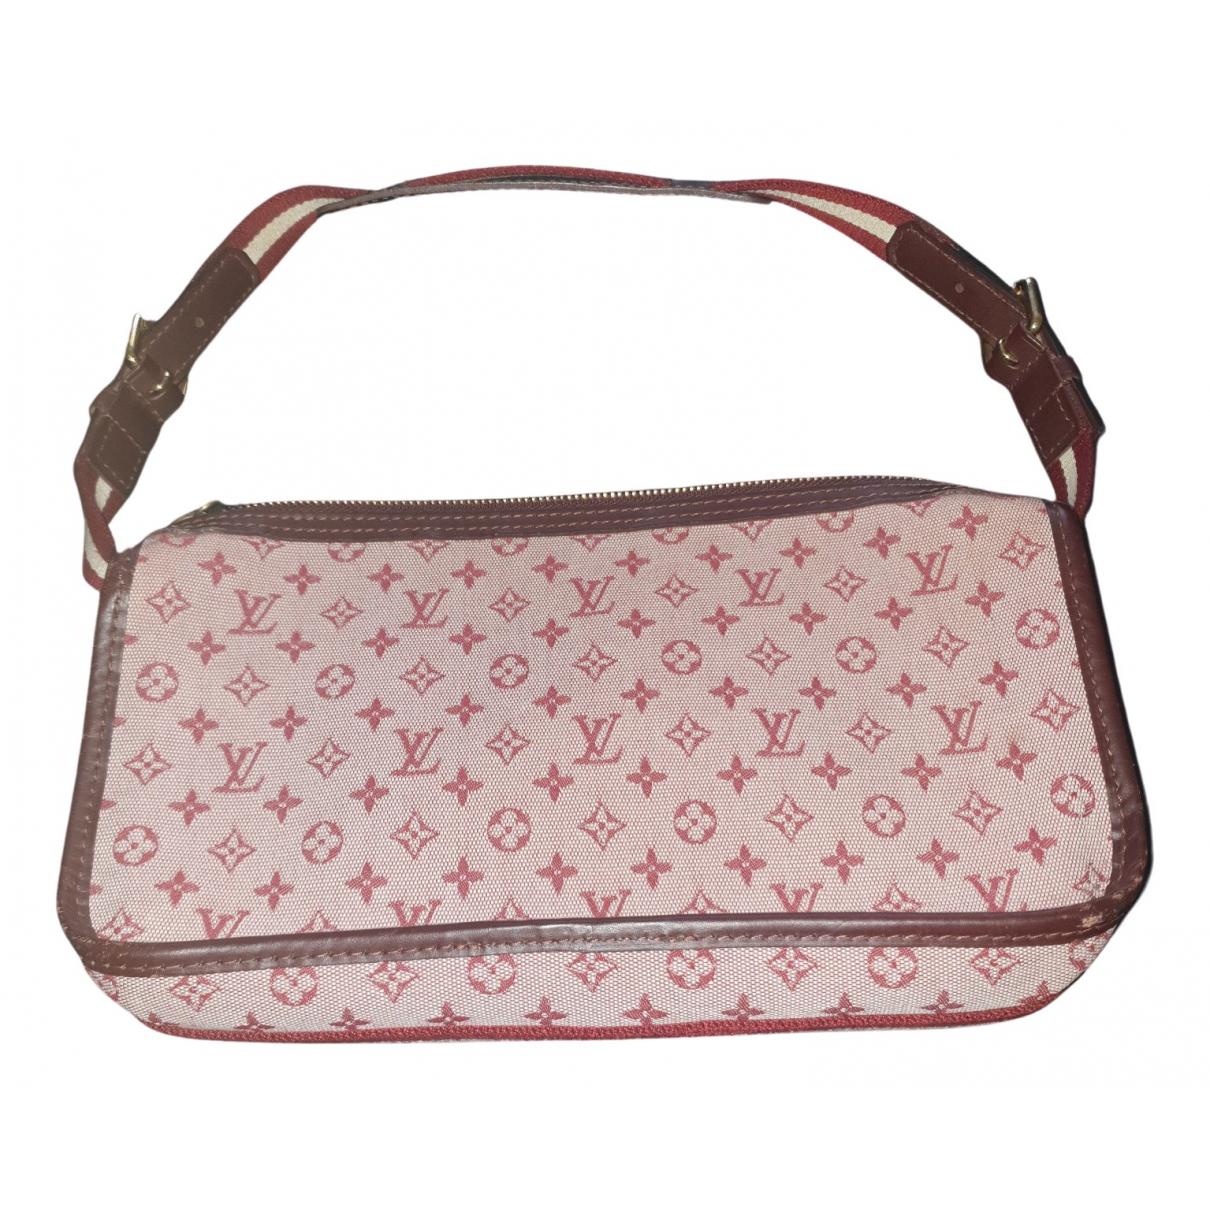 Louis Vuitton - Sac a main Juliette  pour femme en toile - rose